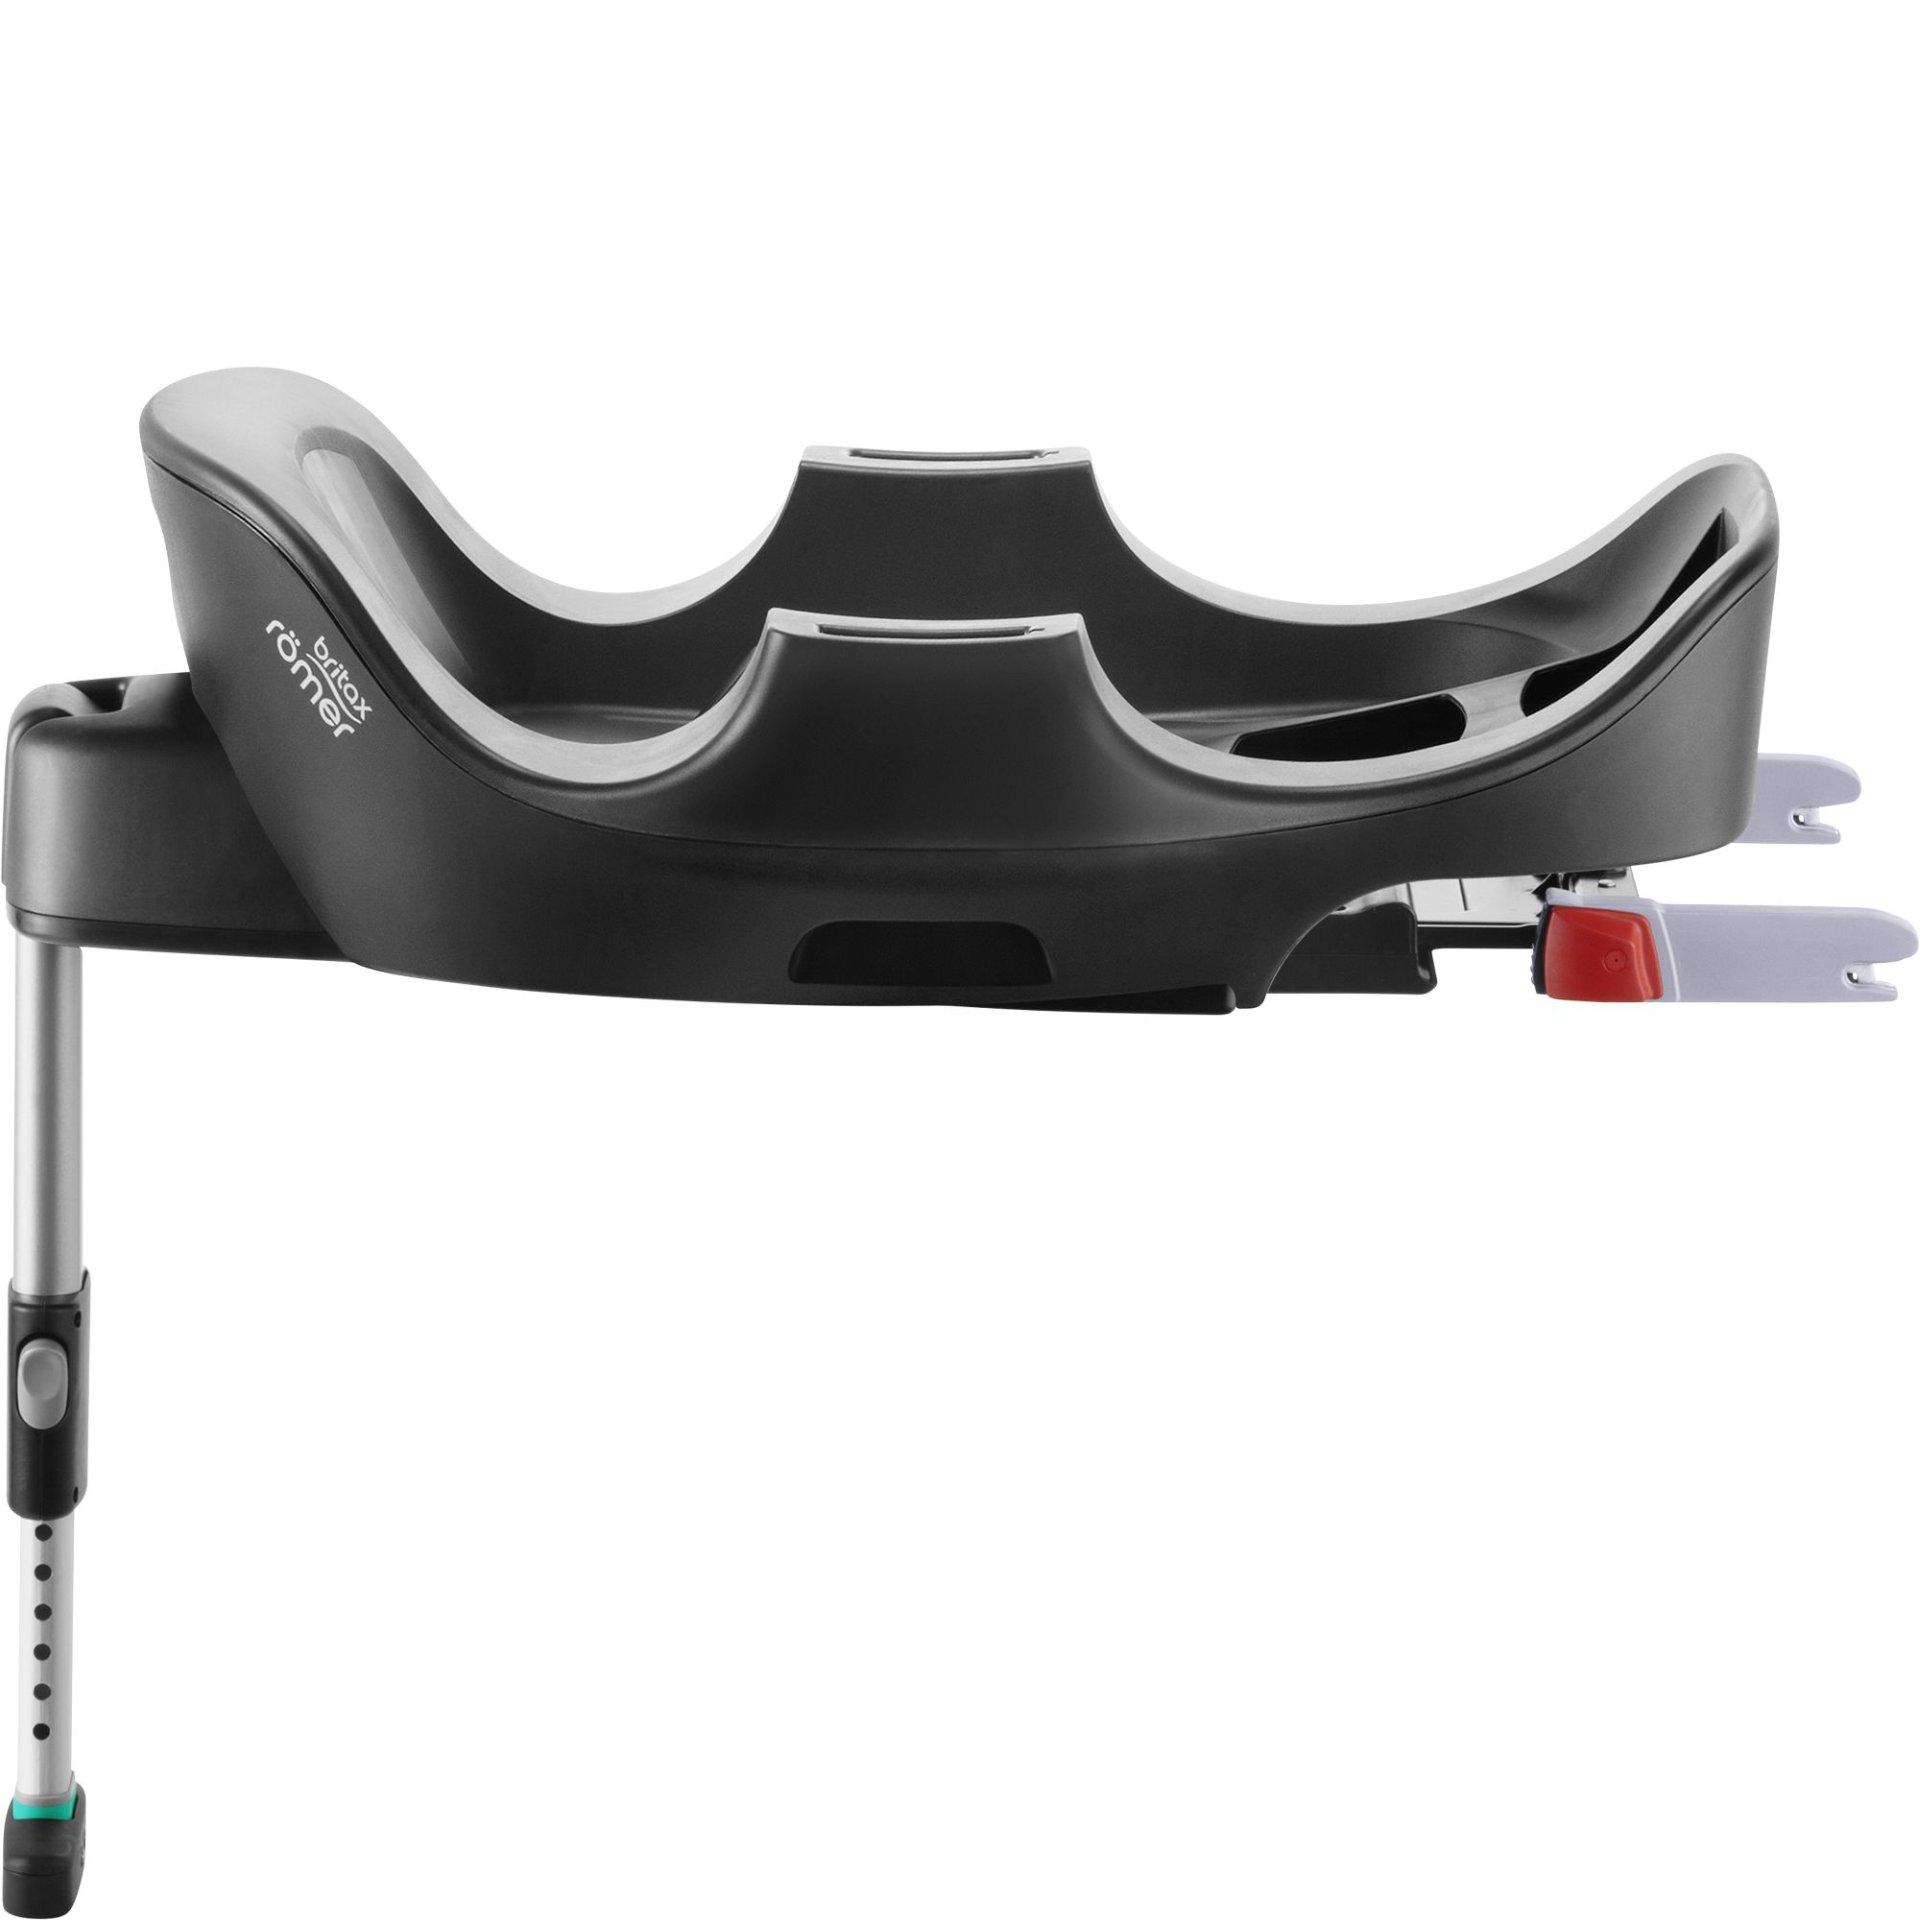 britax r mer infant car seat baby safe 2 i size including flex base 2018 blue marble buy at. Black Bedroom Furniture Sets. Home Design Ideas